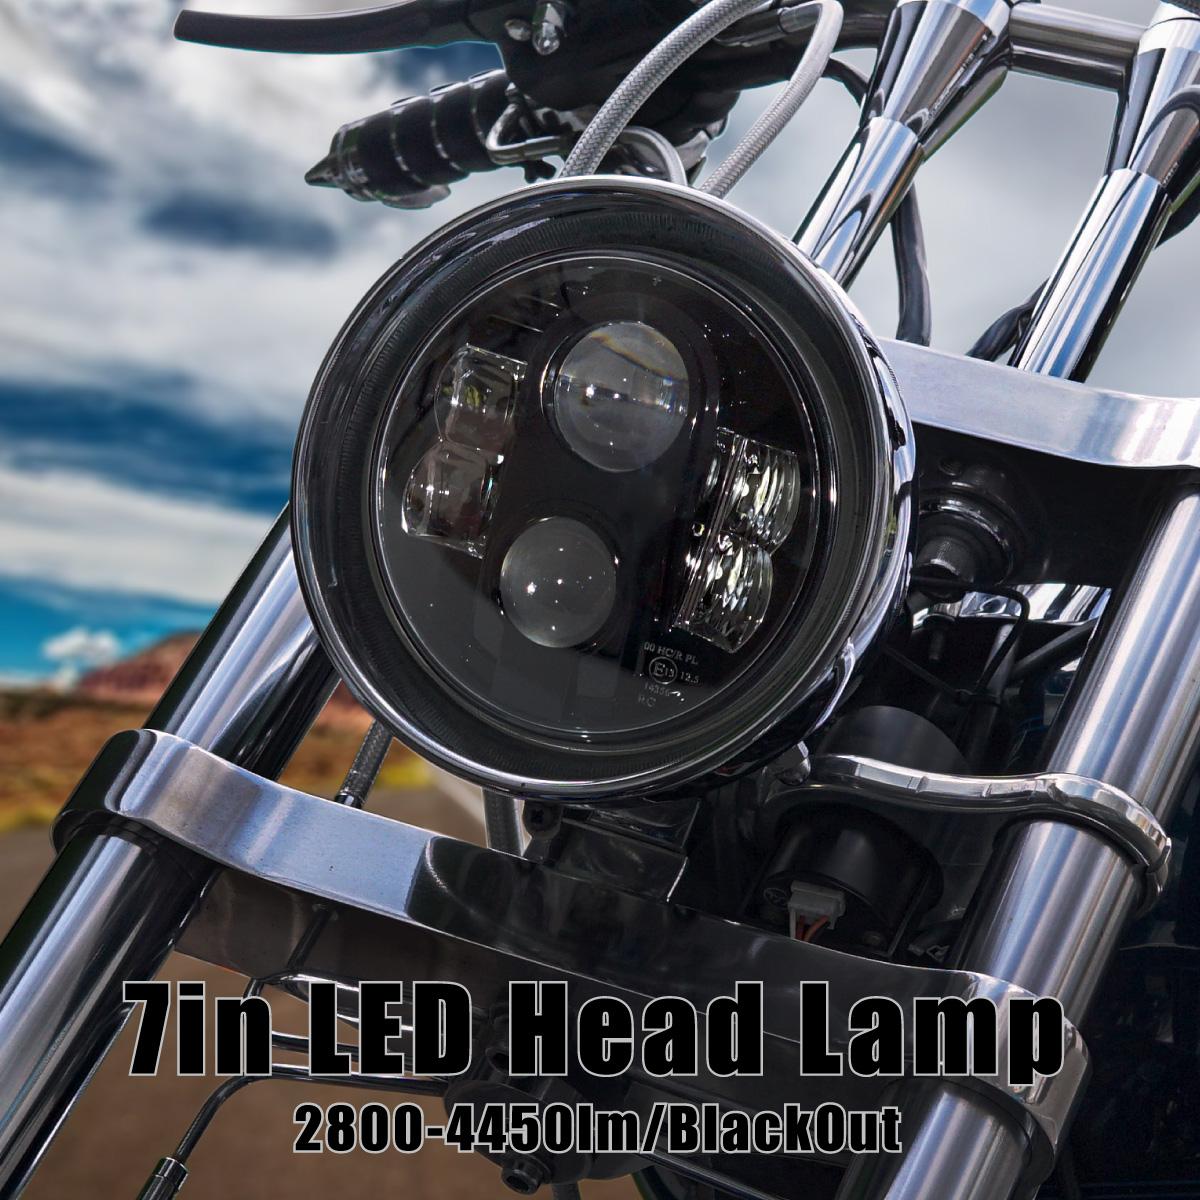 LED ヘッドライト ハーレーダビッドソン バイク 頑強 爆光 純白 ロービーム 30W ハイビーム 48W ハイロー切り替え 爆買い送料無料 ヒートシンク一体型ボディ 7インチ ラウンドタイプ 買取 ハーレー LEDヘッドライト SALE対象 明るい 2800lm インナーブラック 6500K ライト 1灯 CREE